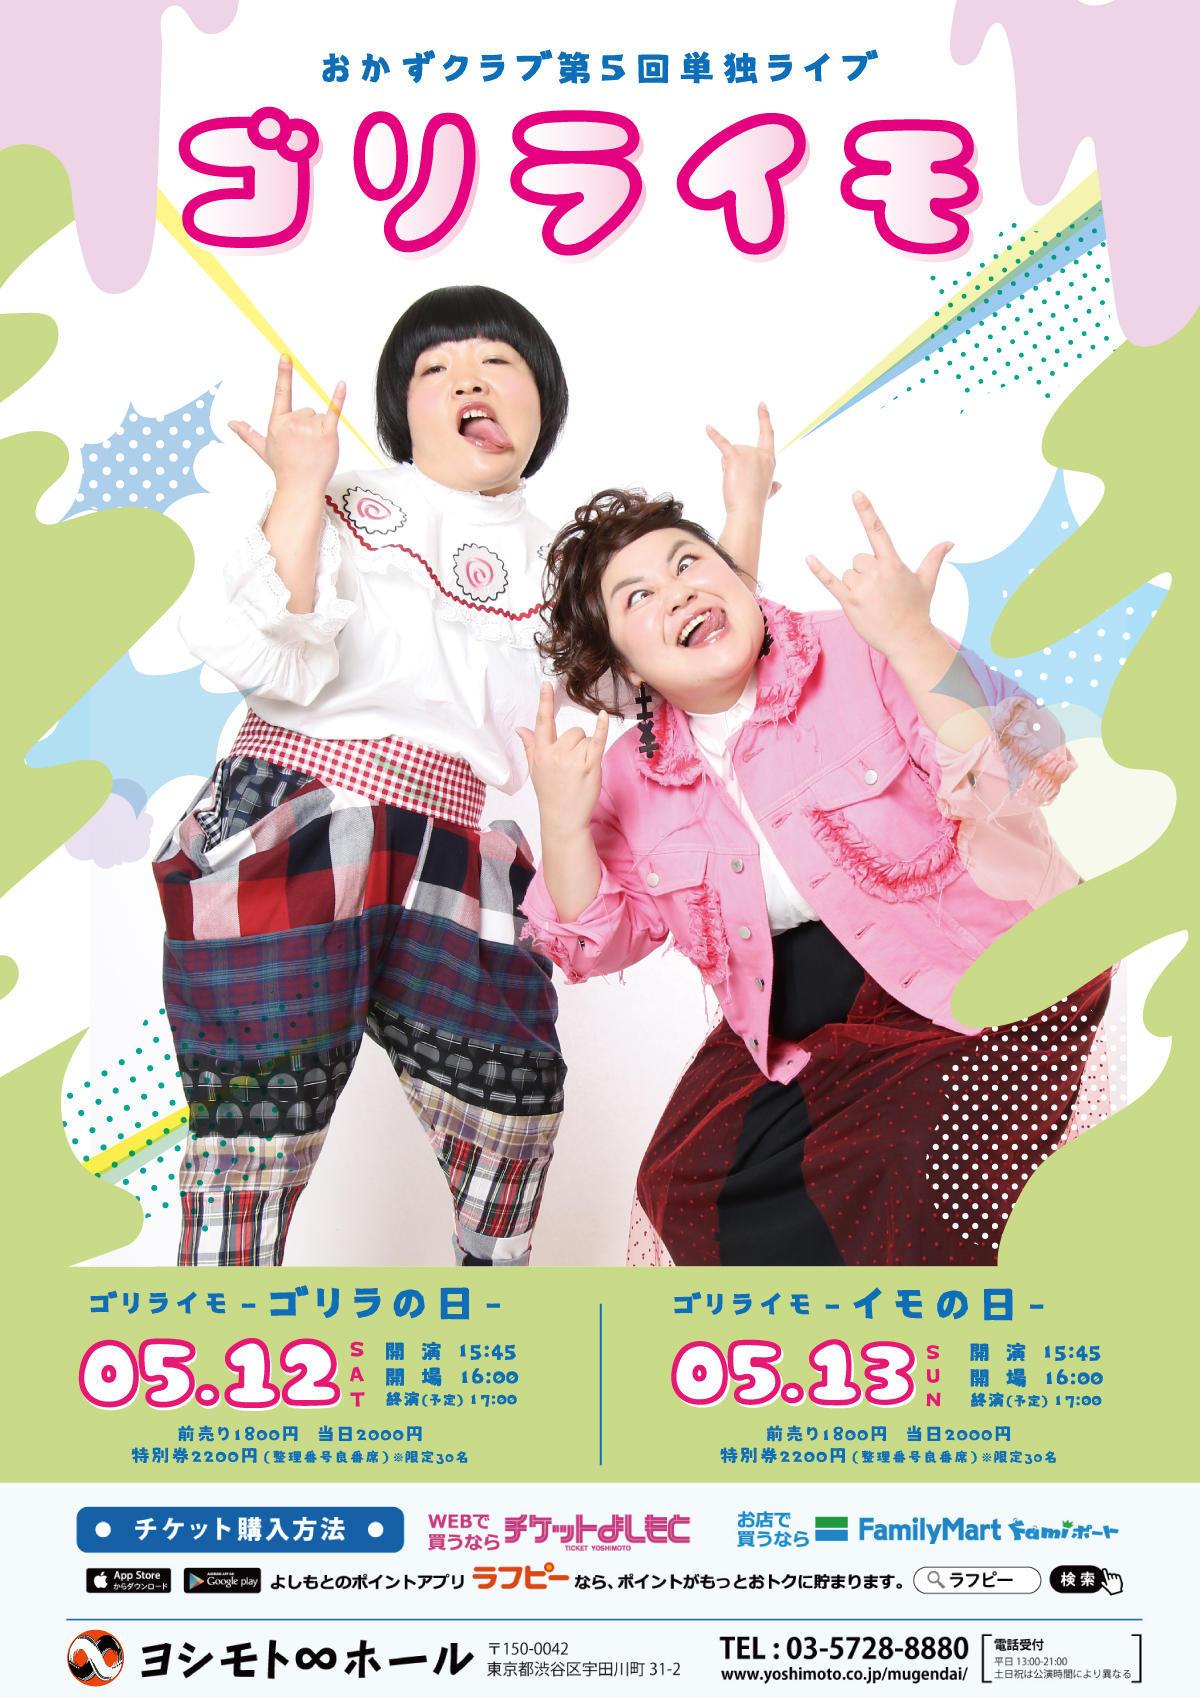 http://news.yoshimoto.co.jp/20180307114311-e863ace5d3a36ac88f0a6c3d708d20e0e3c34f8b.jpg